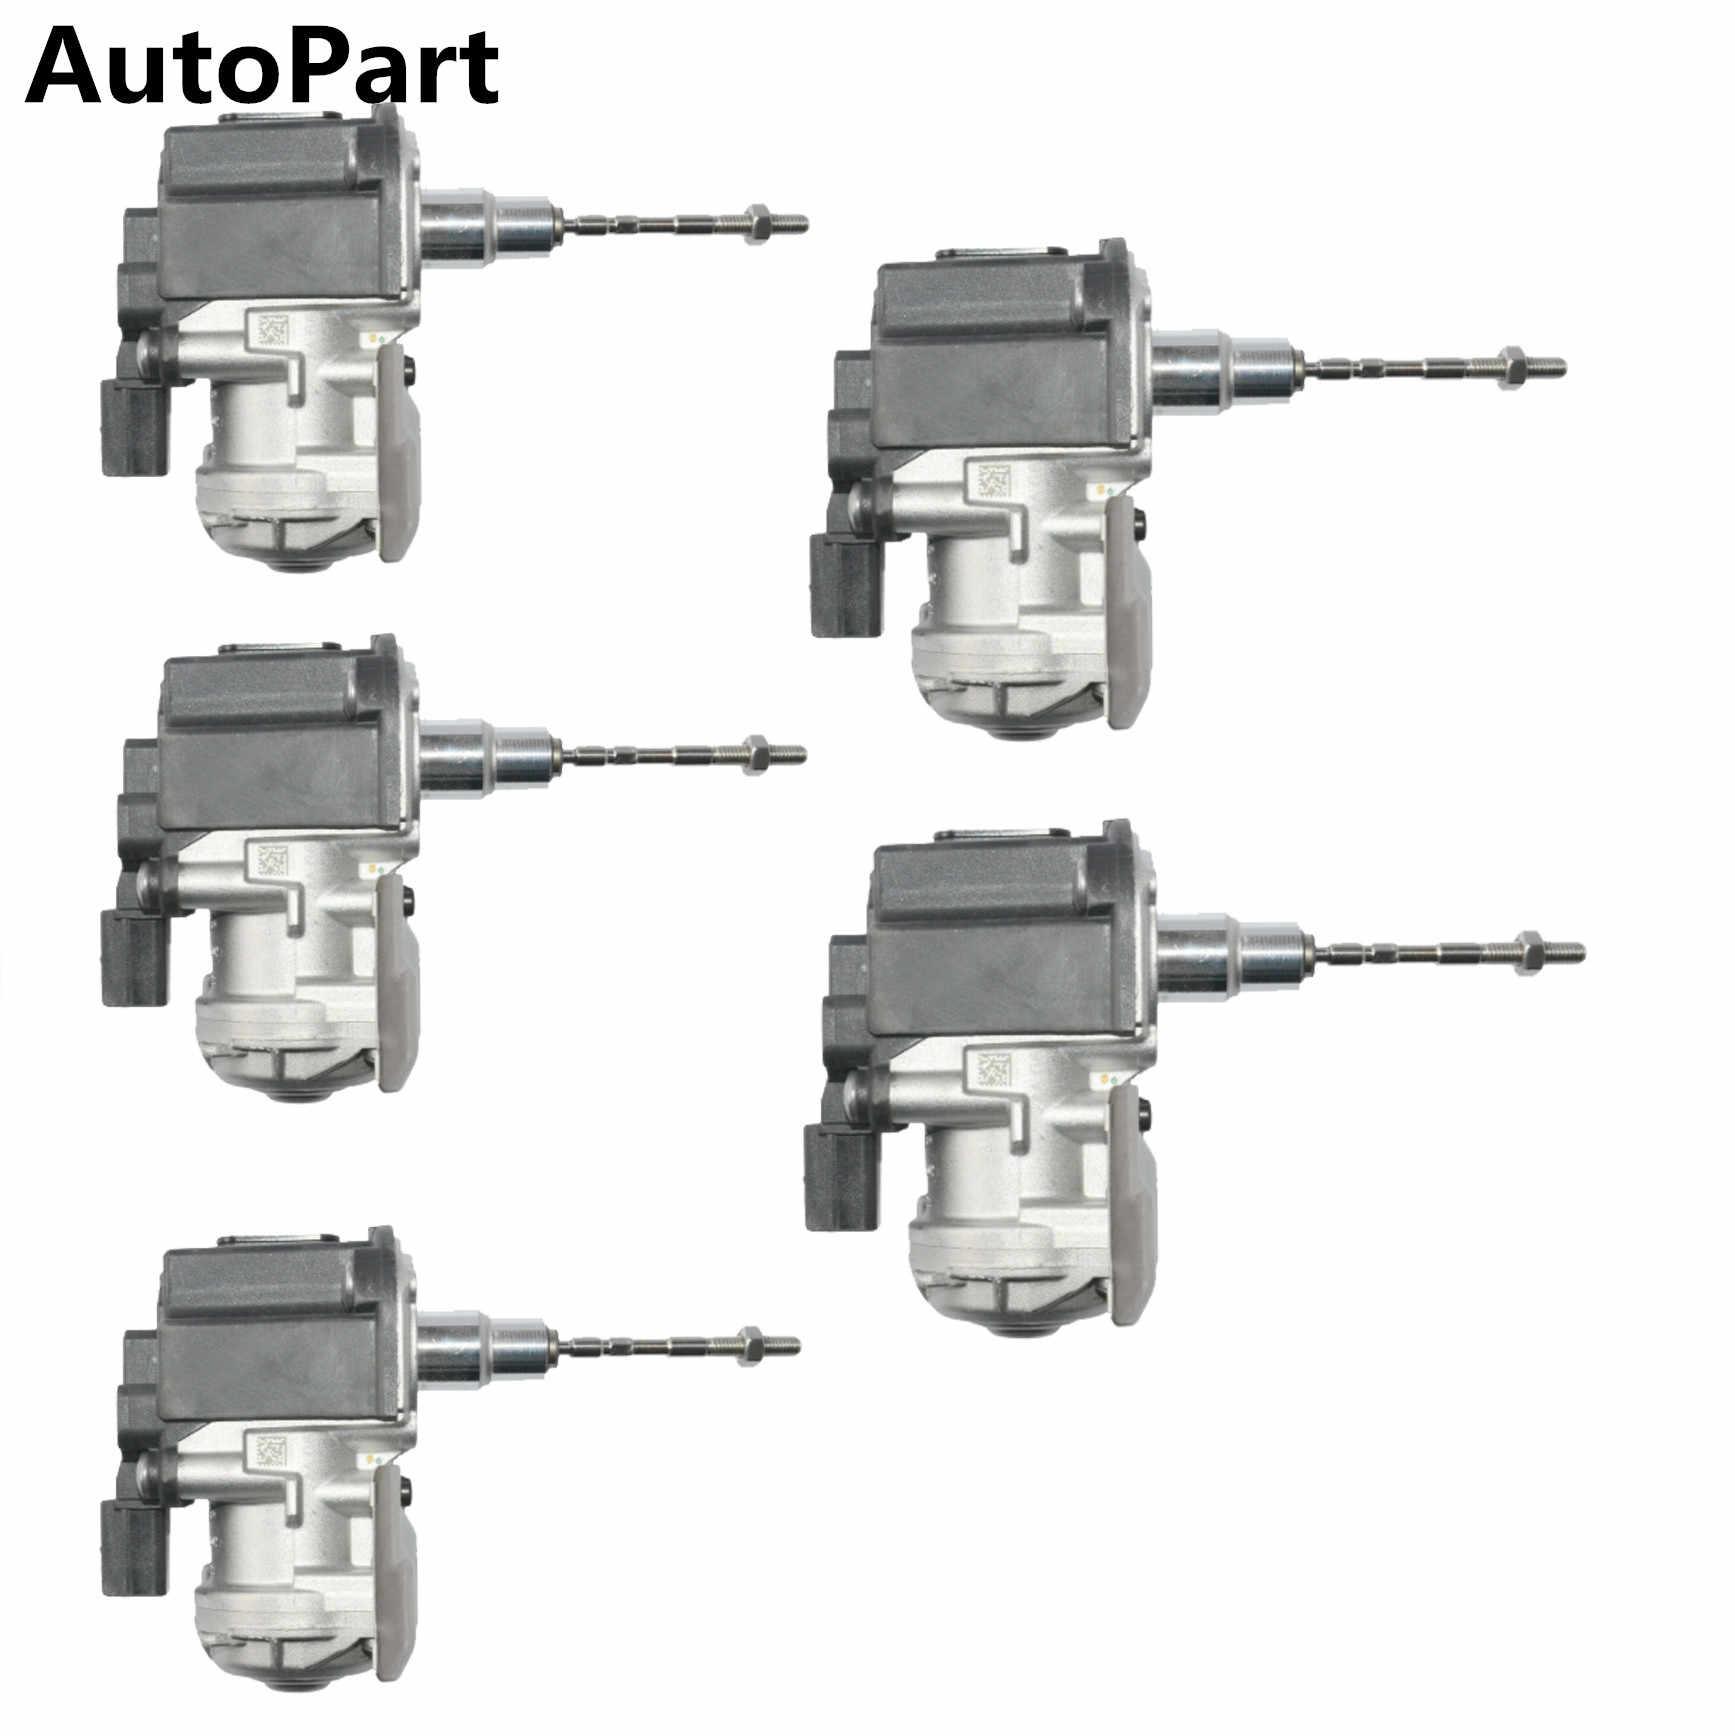 Turbo siłownik elektryczny ładowarka siłownik elektryczny turbosprężarki dla Audi A4 S4 A5A6 EA888 silnika 2.0TFSI 06L145722L 06L 145 612 K